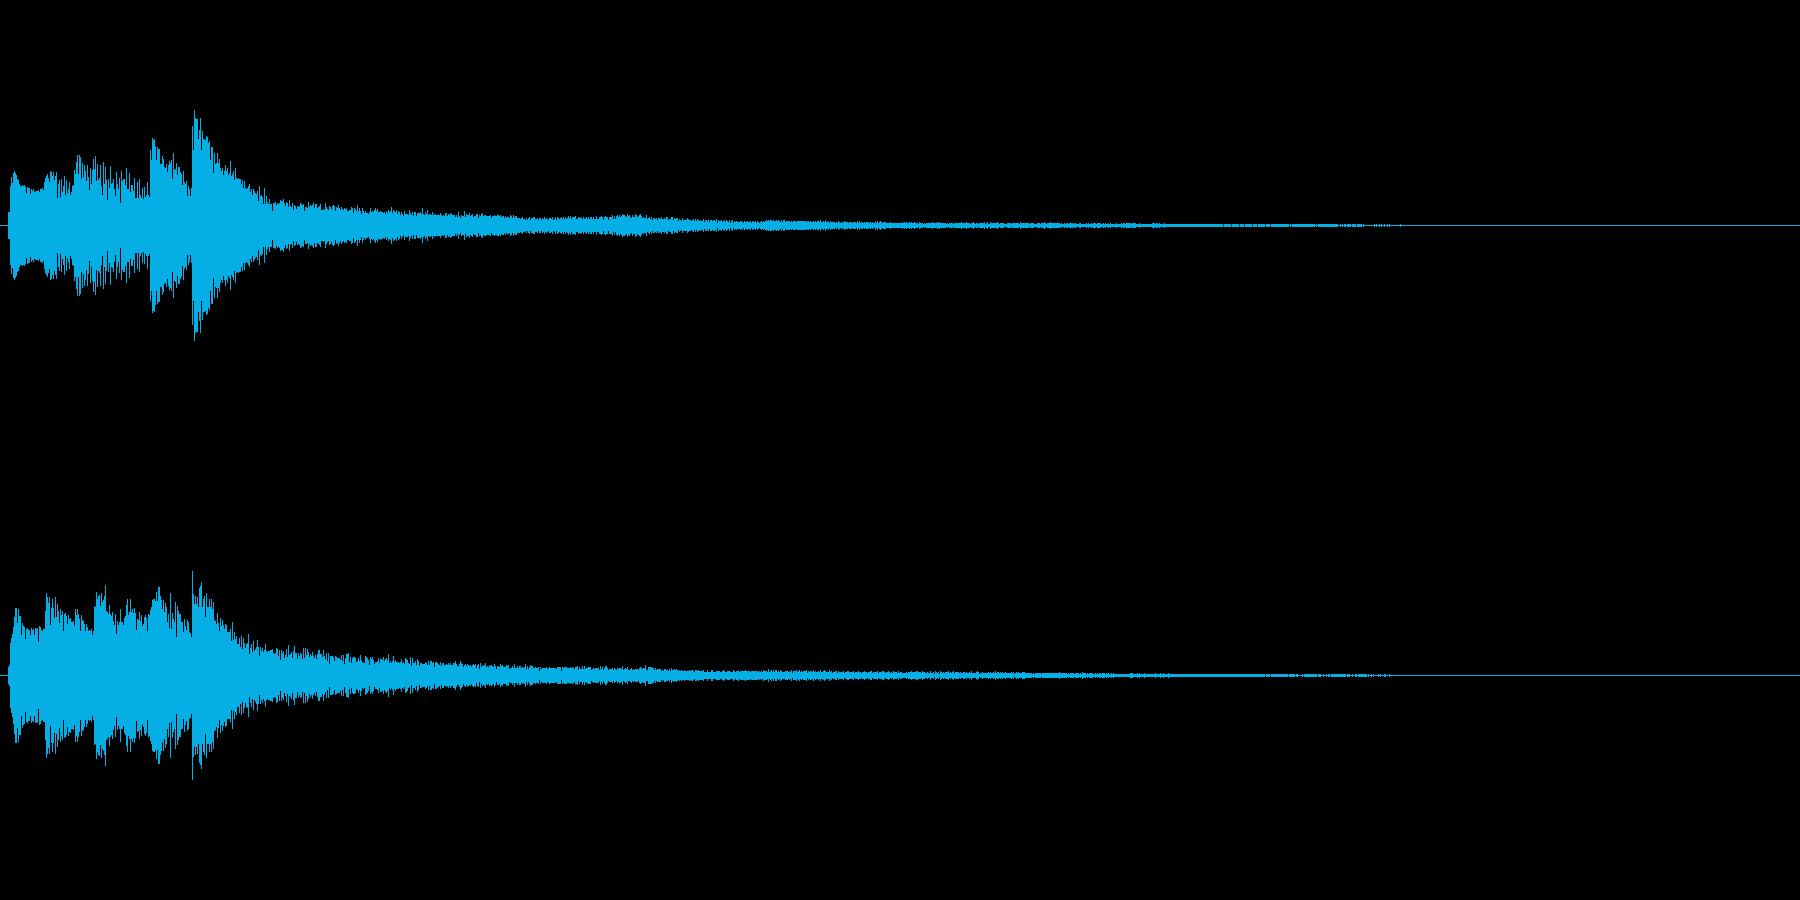 ピアノソロサウンドロゴ 優雅 大人 03の再生済みの波形